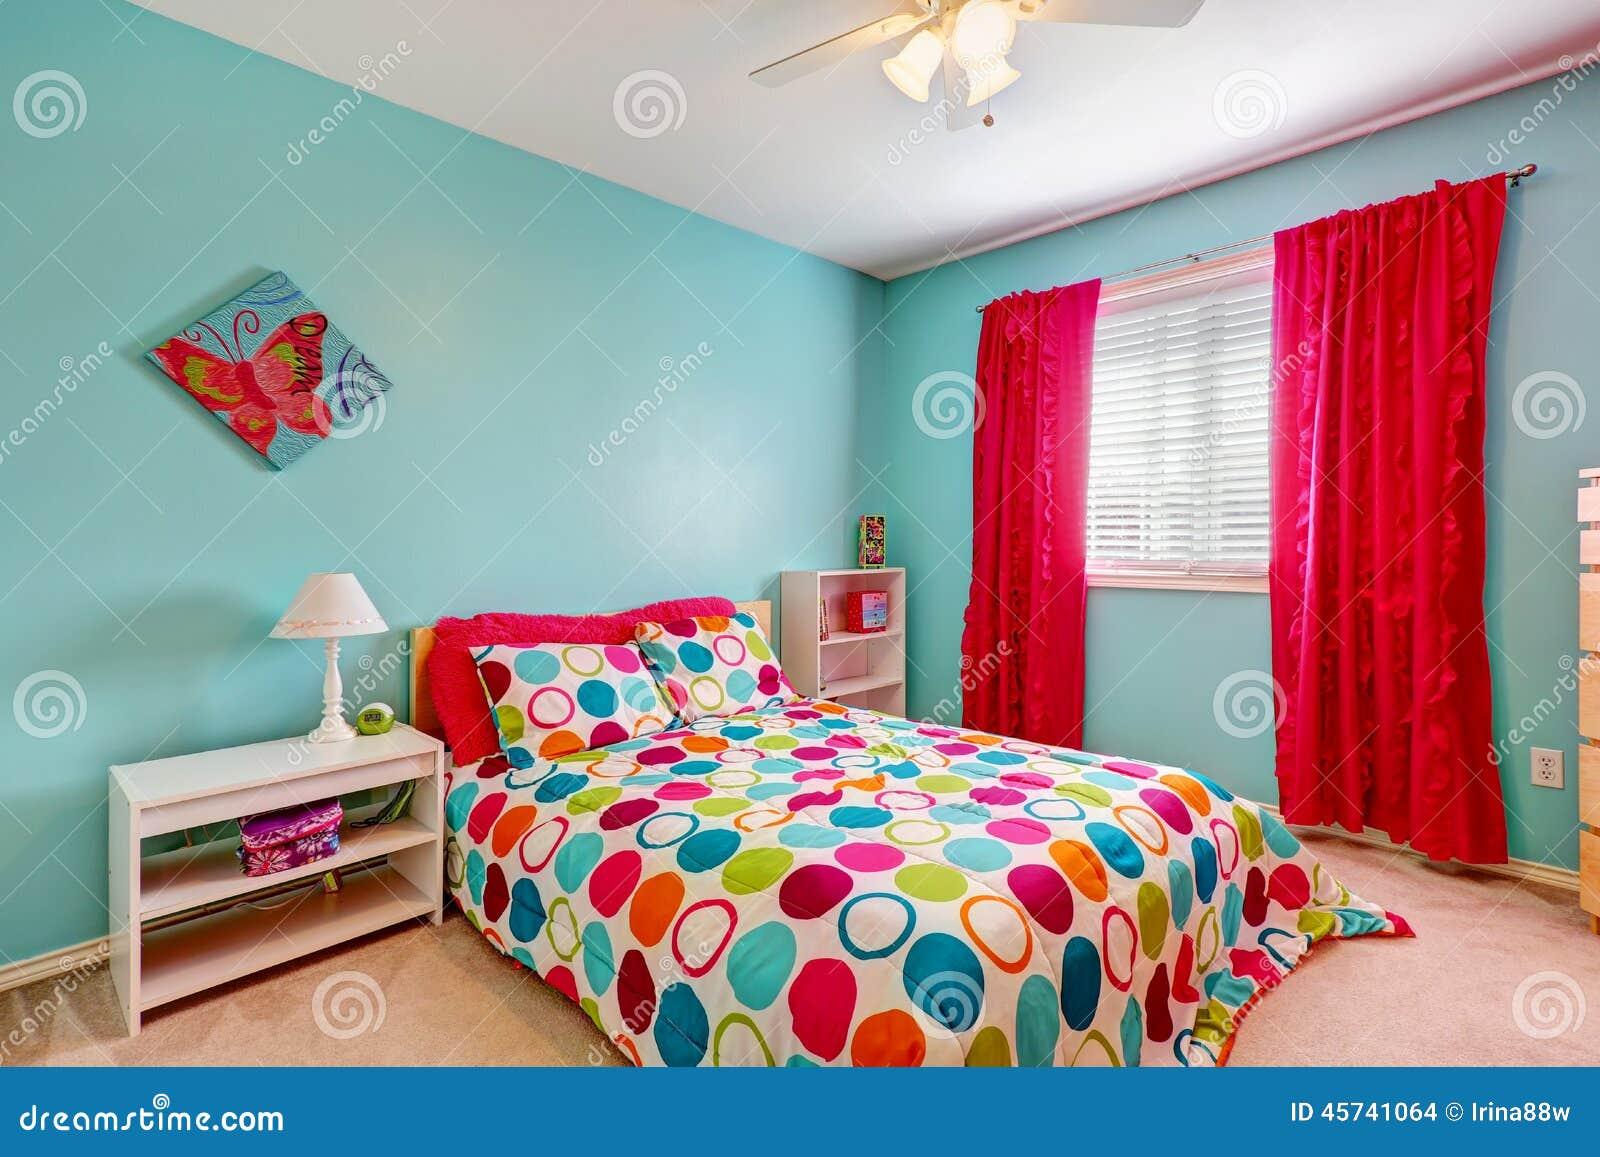 Colori pareti camera da letto ragazzo: divertiti dipingendo la tua ...